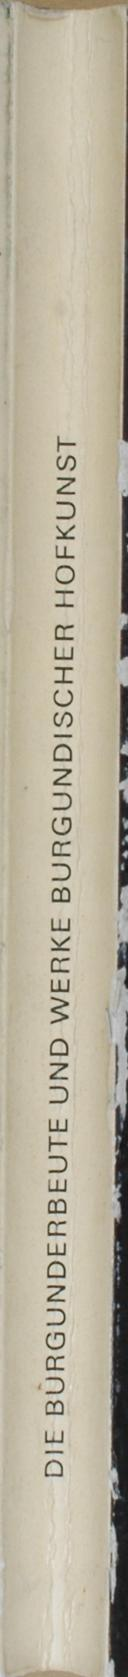 """"""" Le butin des guerres de bourgogne et des œuvres d'art de la cour de bourgogne """" - Musée d'histoire de Berne - 1969 - Deutsch Version (5)"""